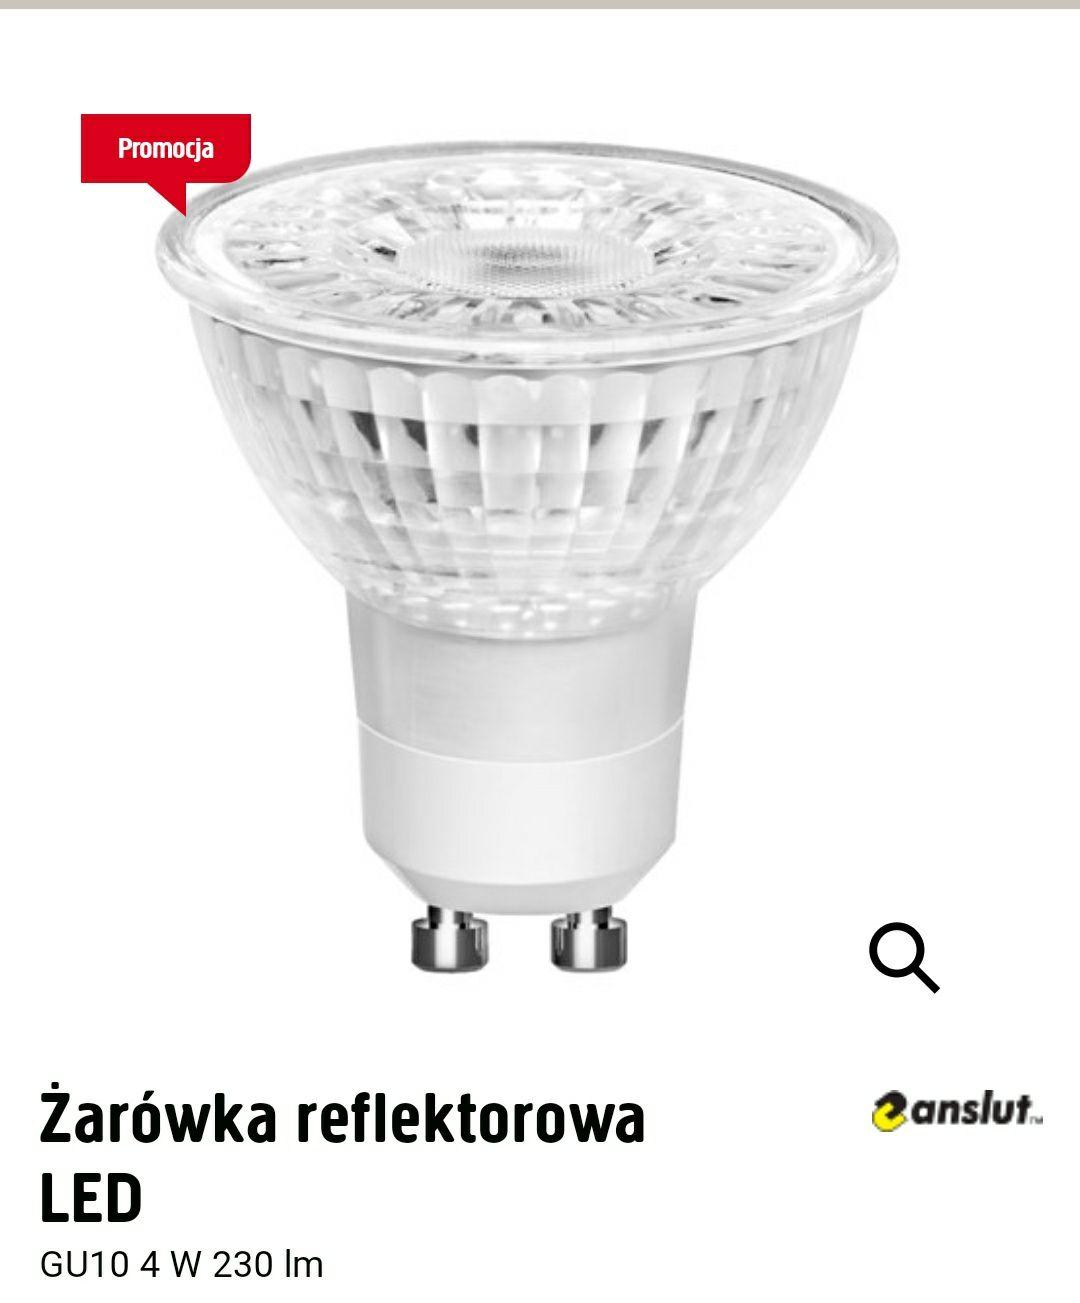 Żarówka reflektorowa LED GU10 4W 230lm